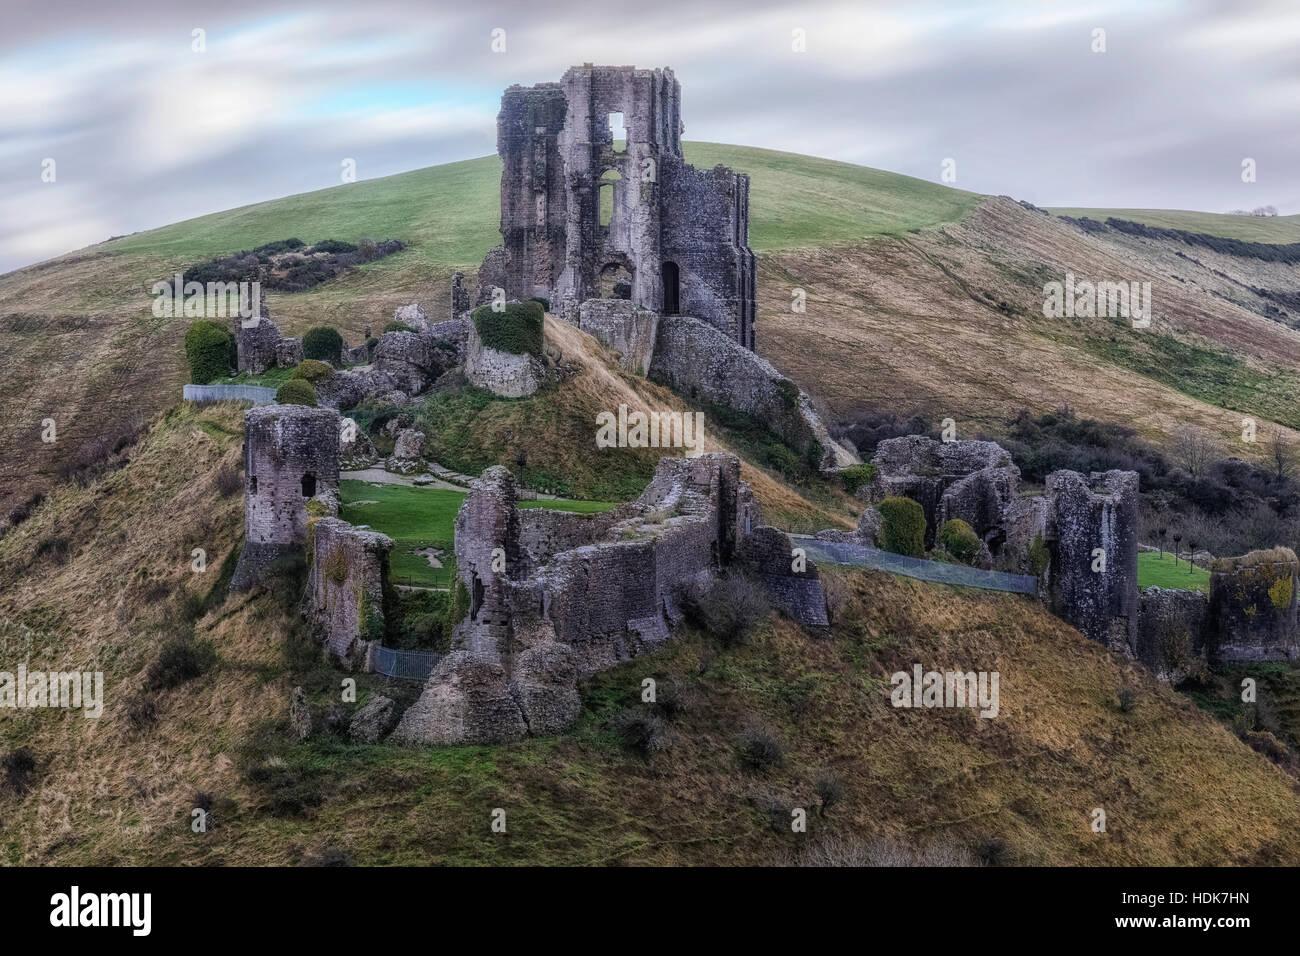 El castillo Corfe, en Dorset, Inglaterra, Reino Unido. Foto de stock